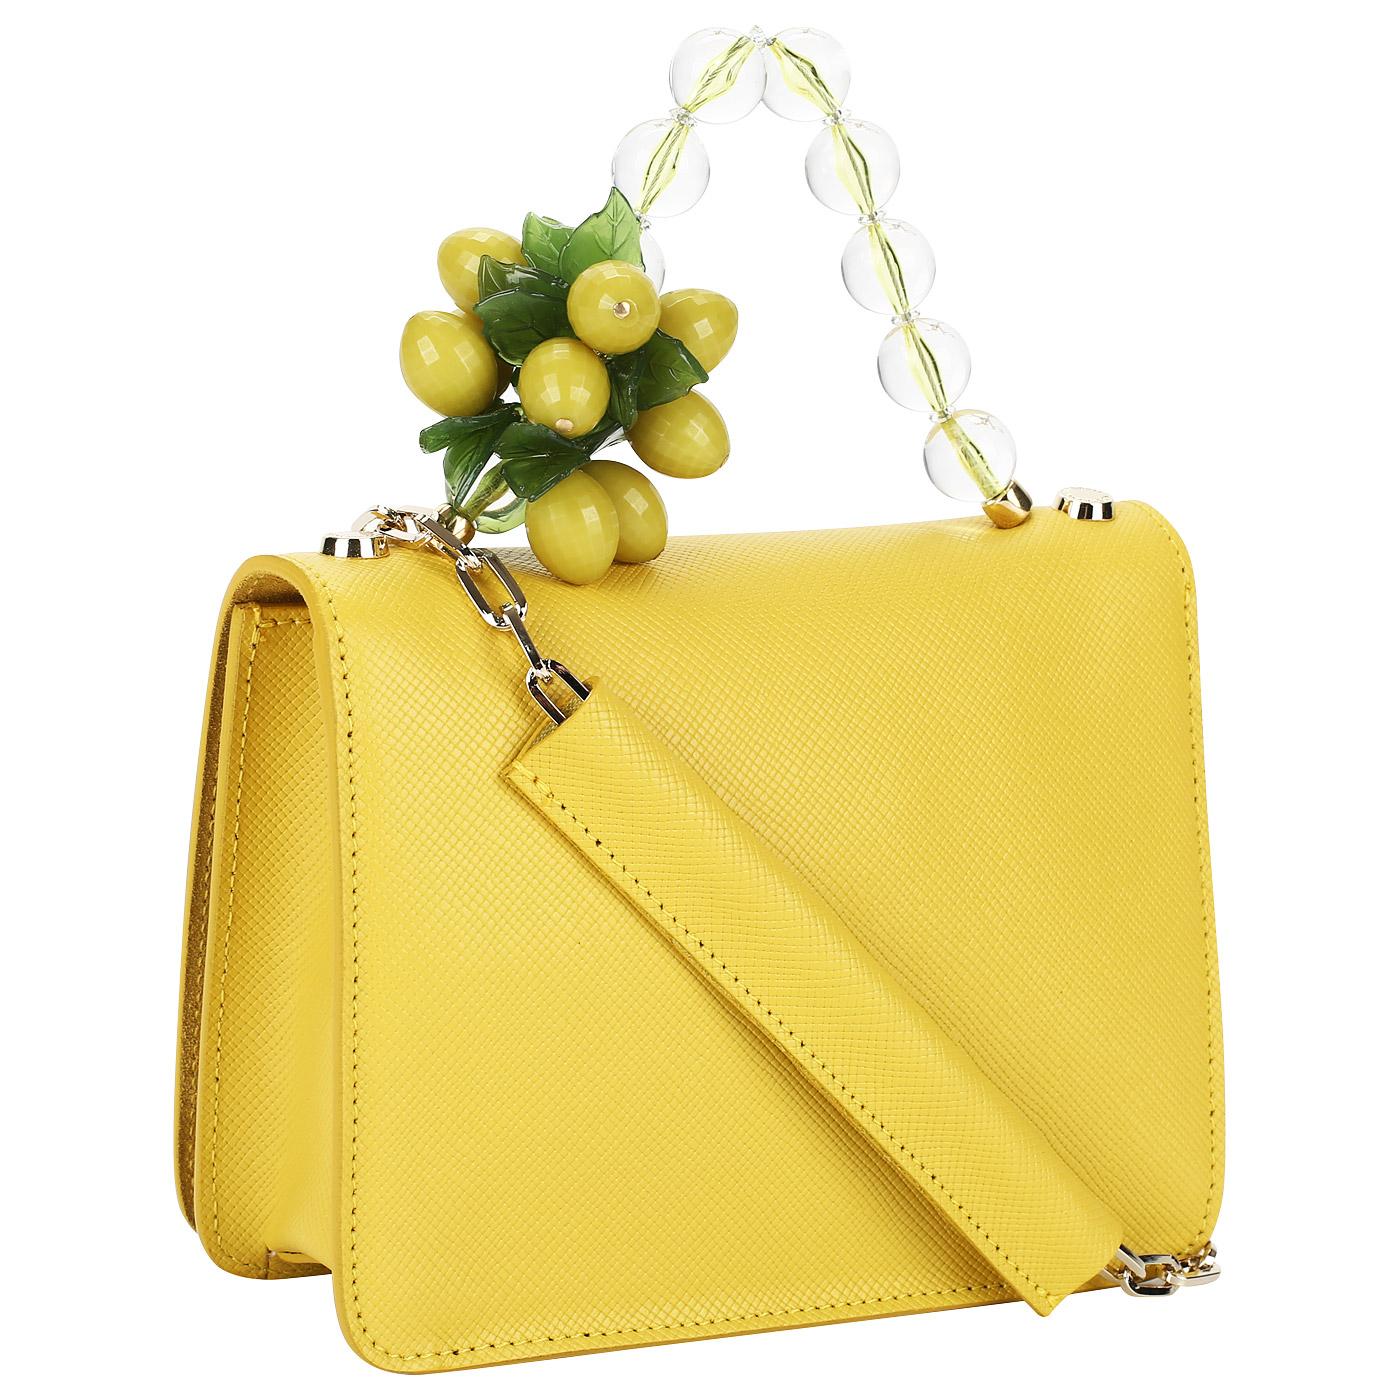 5c2cd6d44b0d Женские сумки Roberta Gandolfi - каталог цен, где купить в интернет ...